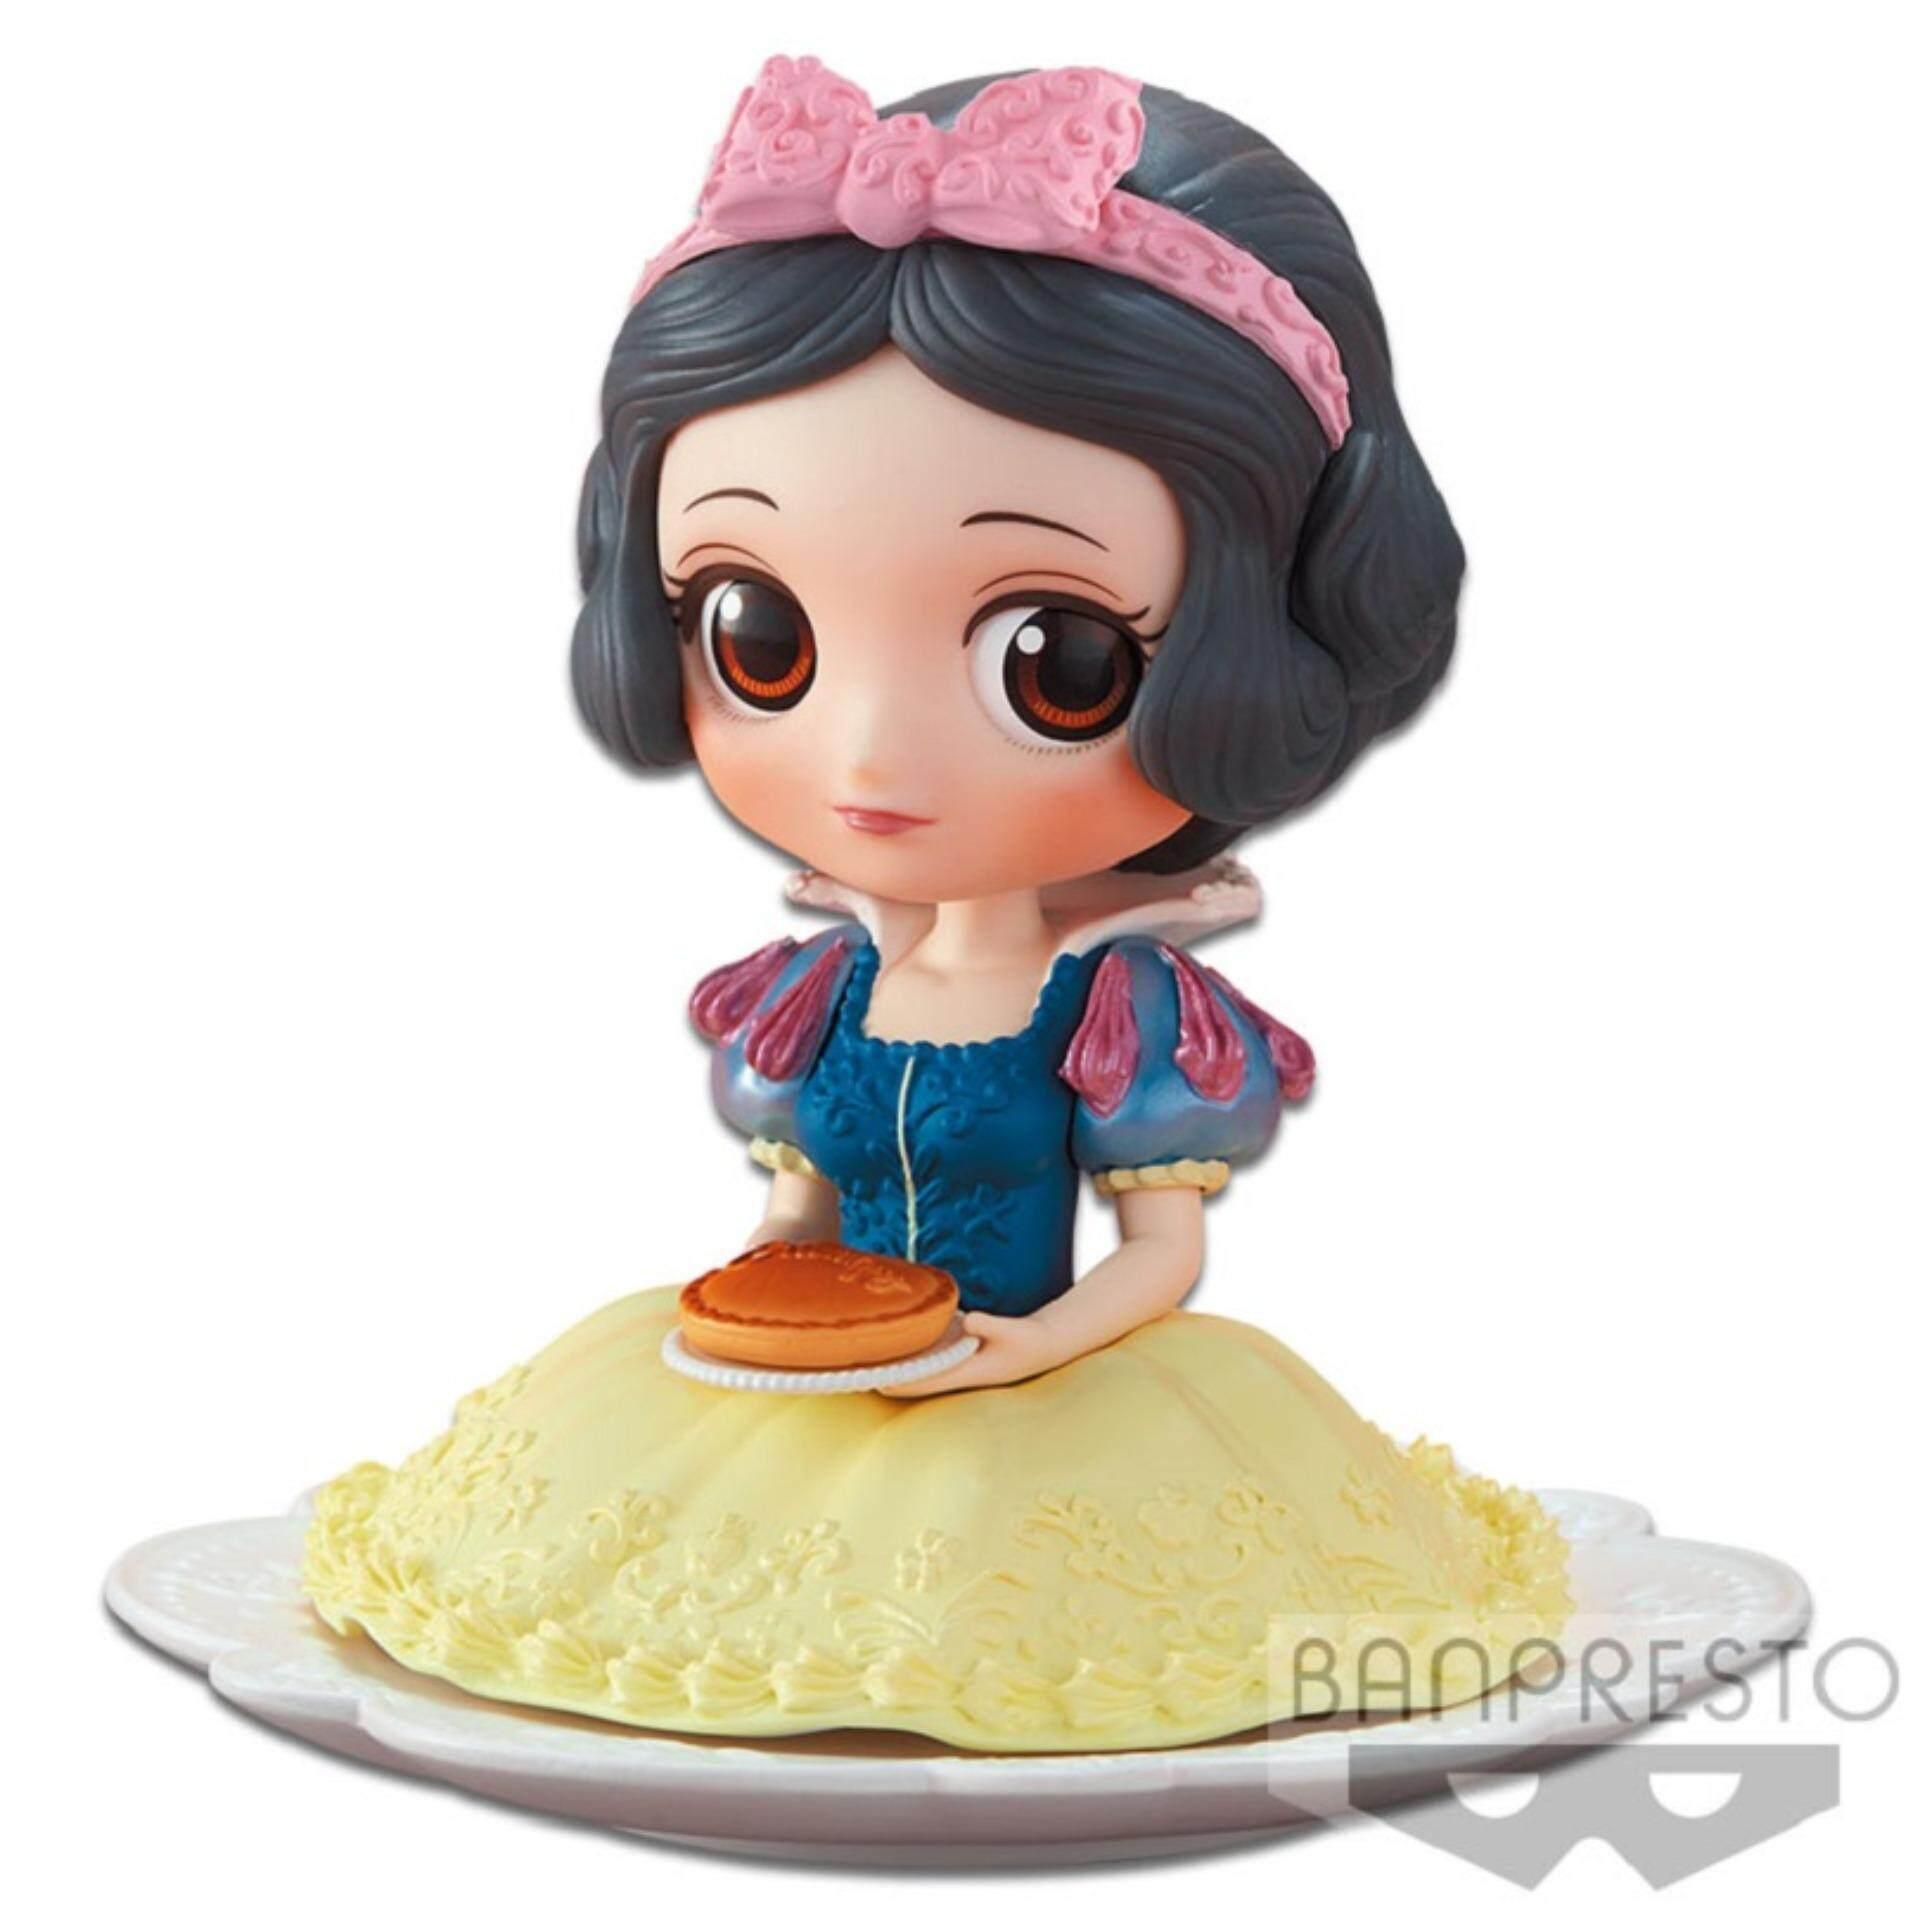 Banpresto Q Posket Sugirly Disney Princess Figure Milky Version - Snow White Toys for boys